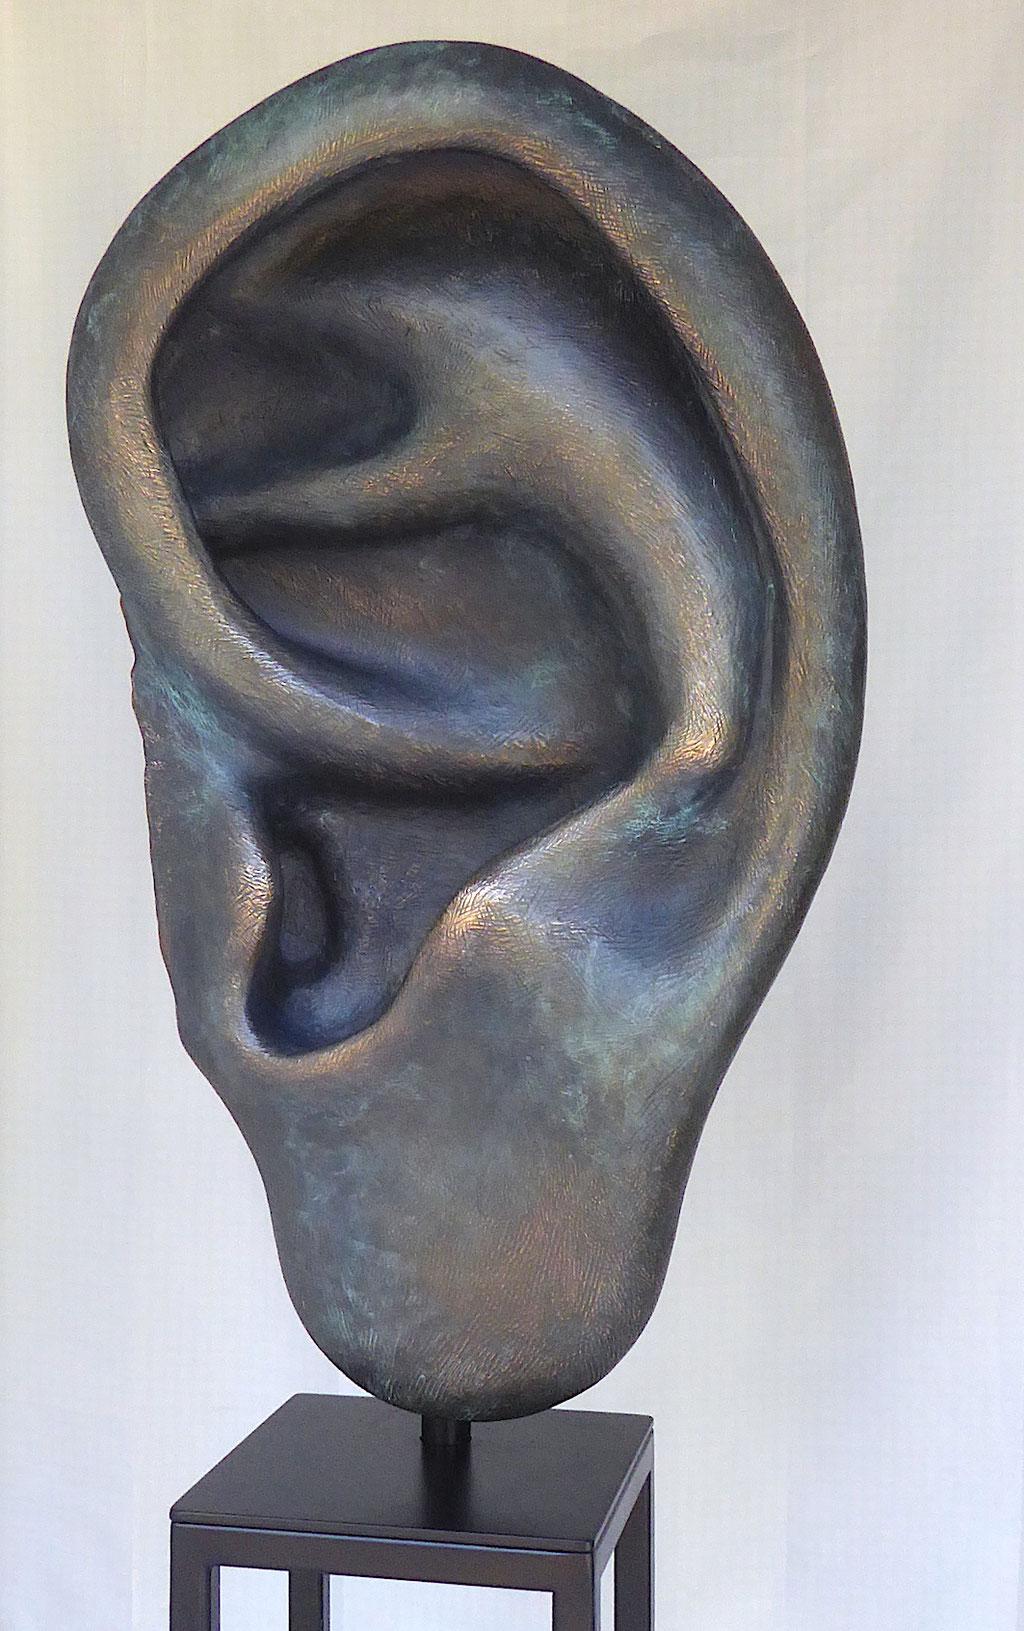 Ohr, ca. 95x50x30, Bronze/Patina, 2018